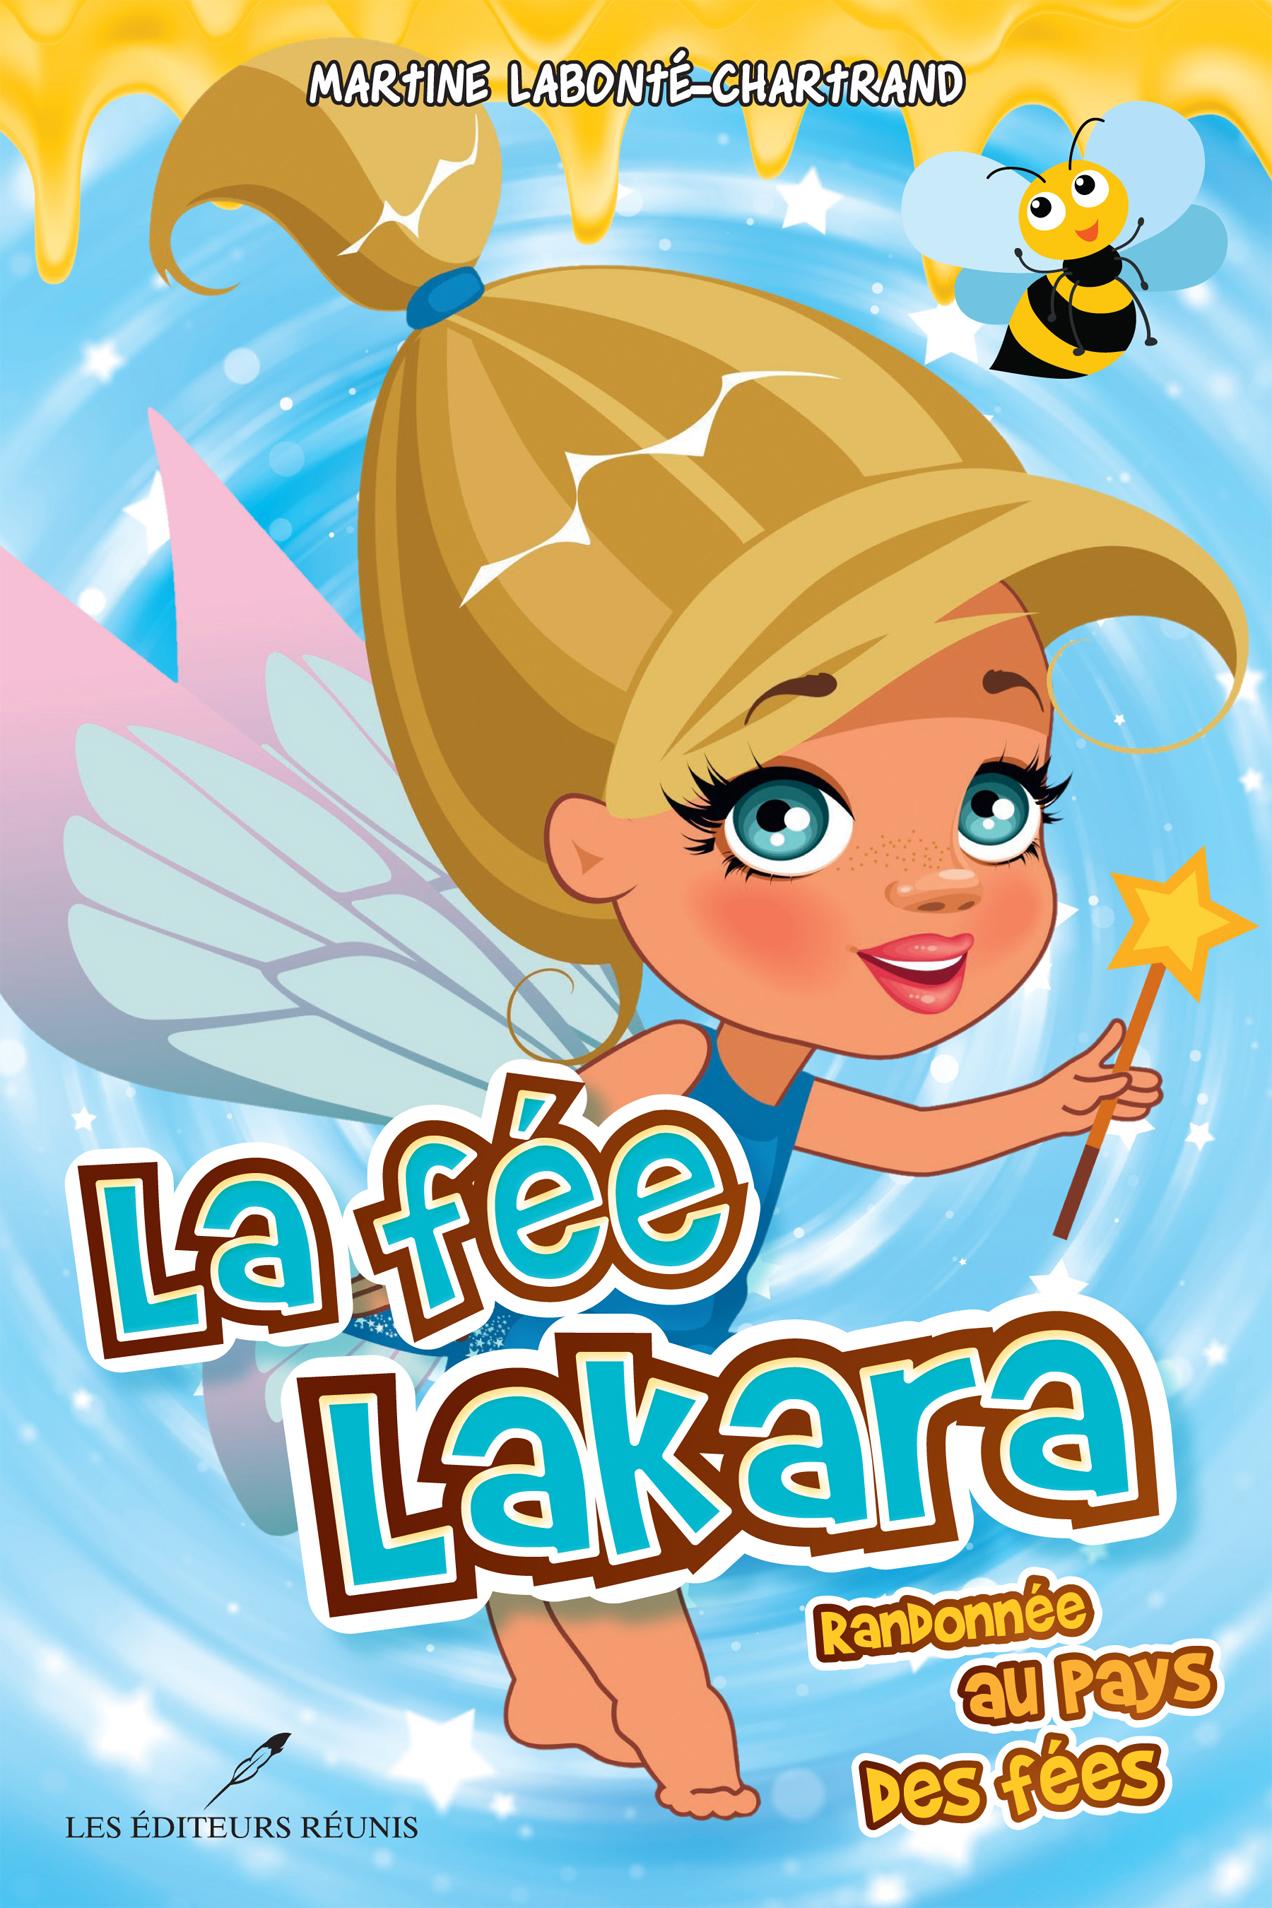 La fée Lakara Randonnée au pays des fées 2